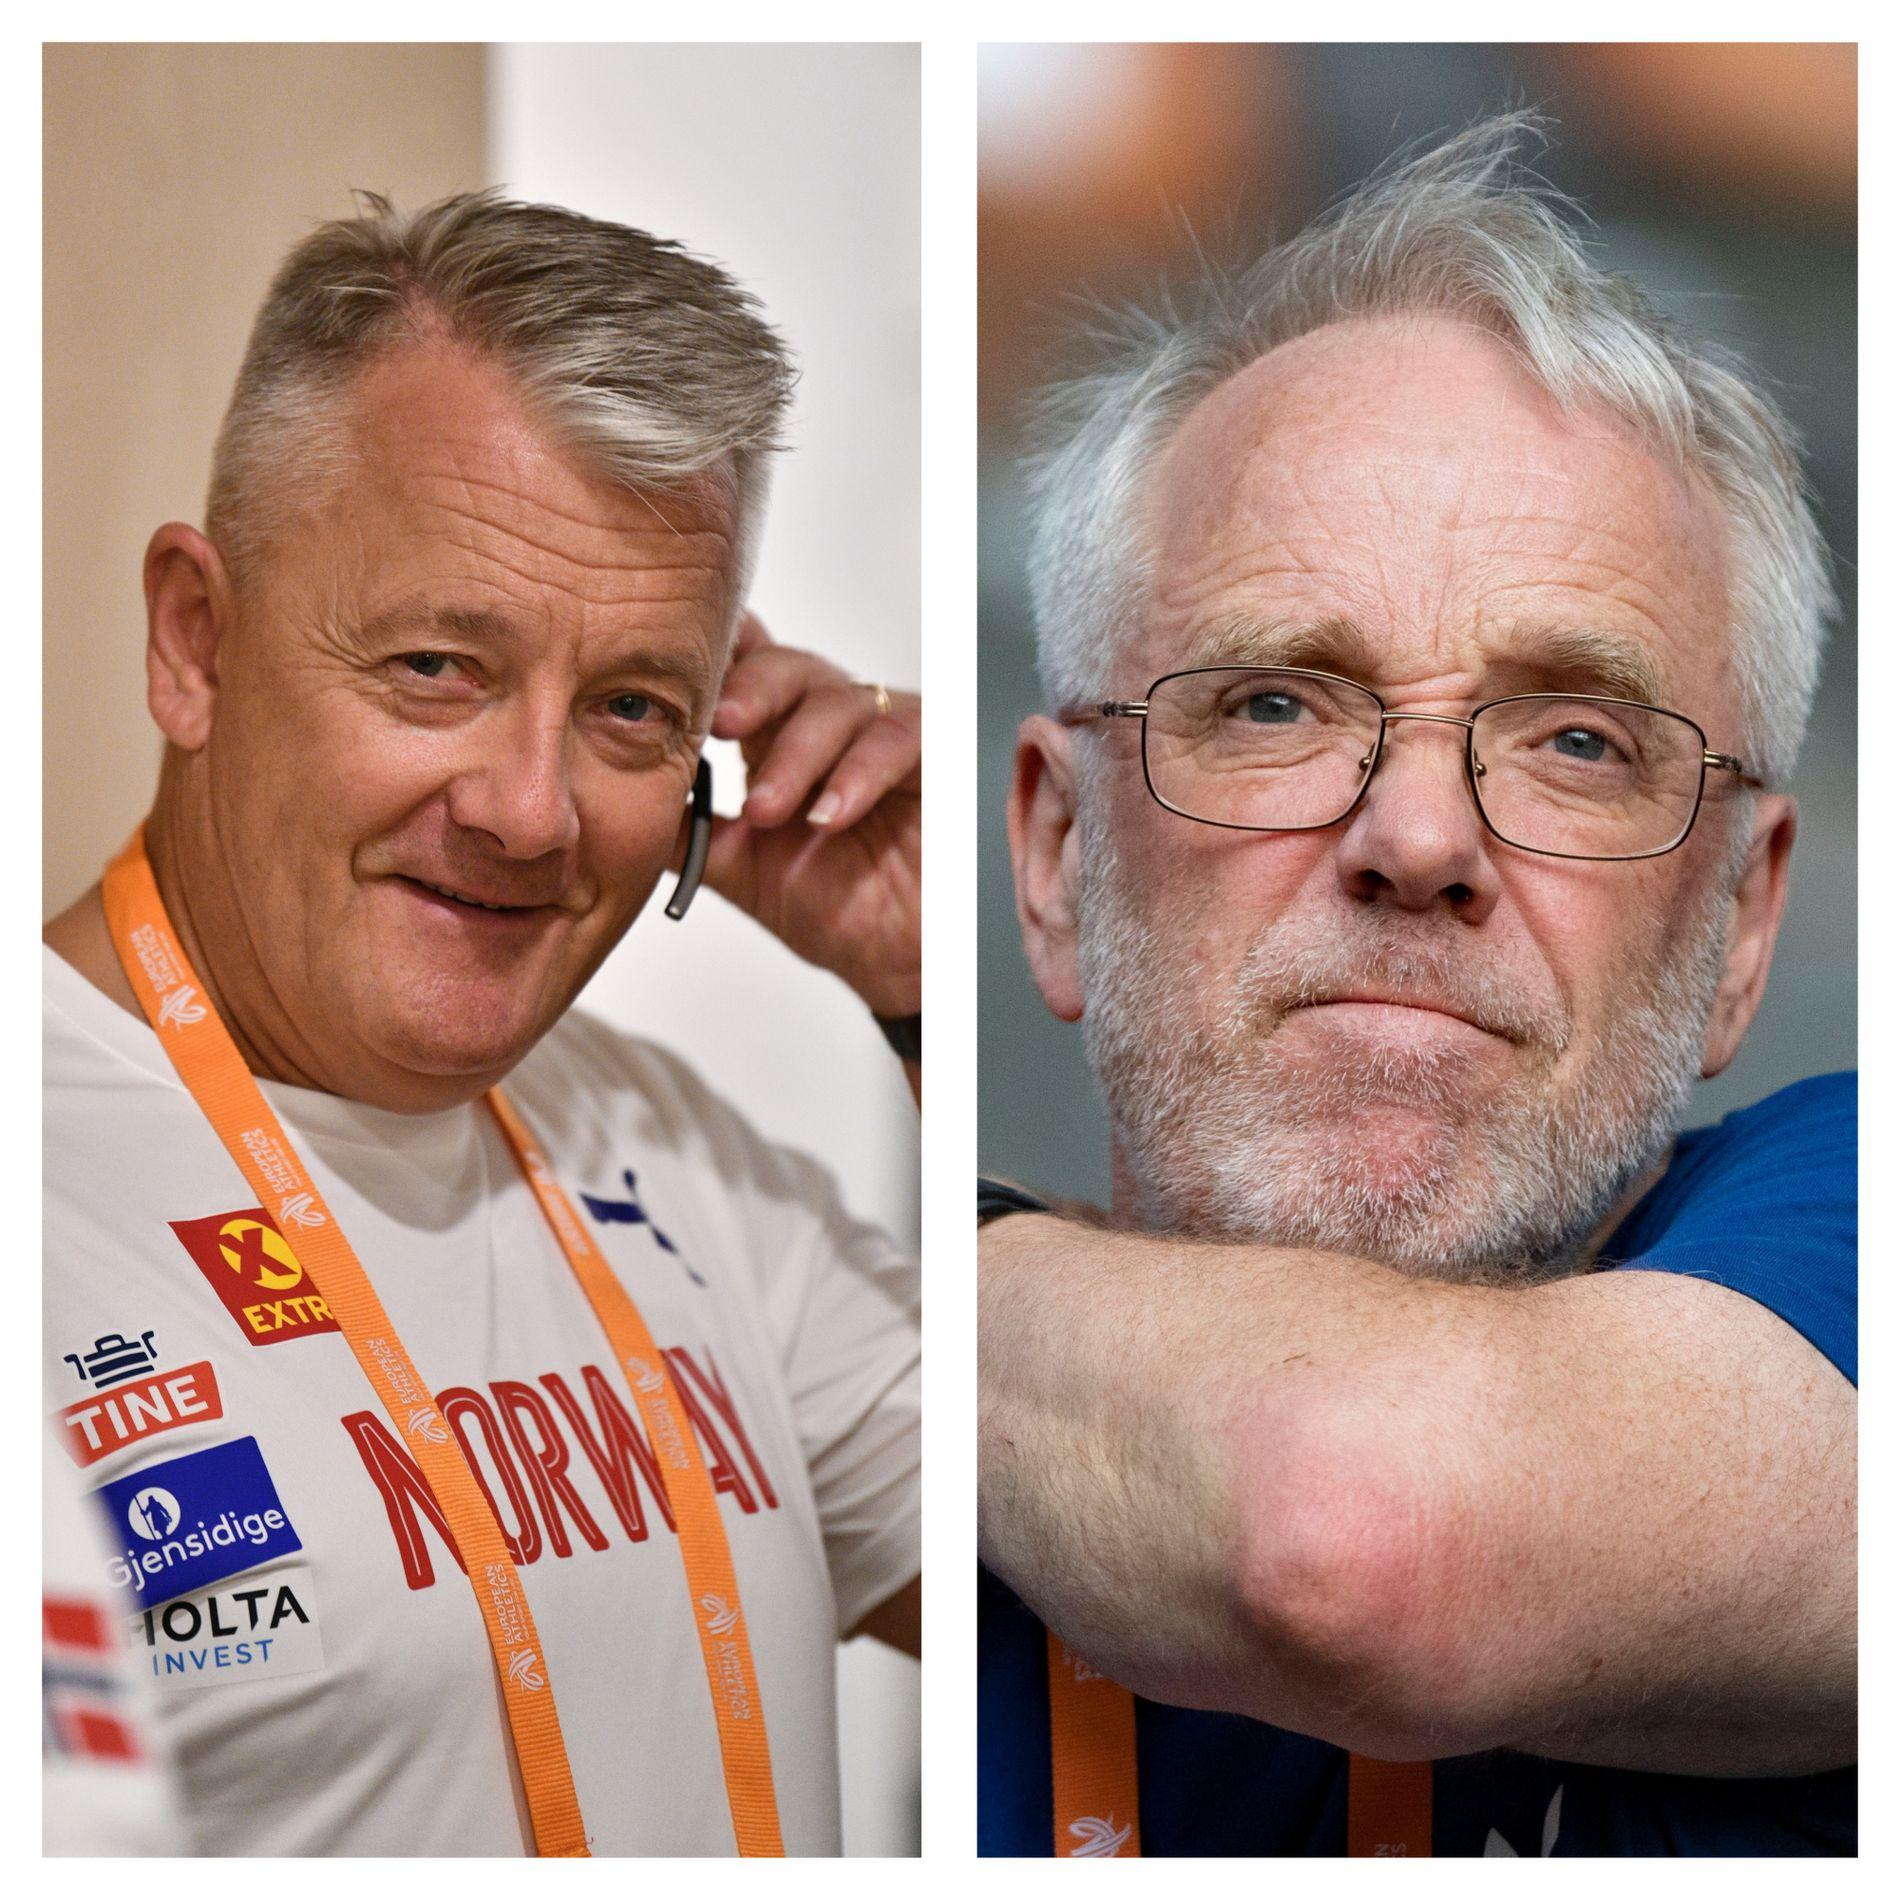 SUPERTRENER: Gjert Ingebrigtsen og Leif Olav Alnes har igjen trent frem utøvere til mesterskapsmedalje. Tidligere toppidrettssjef, Bjørge Stensbøl, mener de er to av verdens beste trenere.